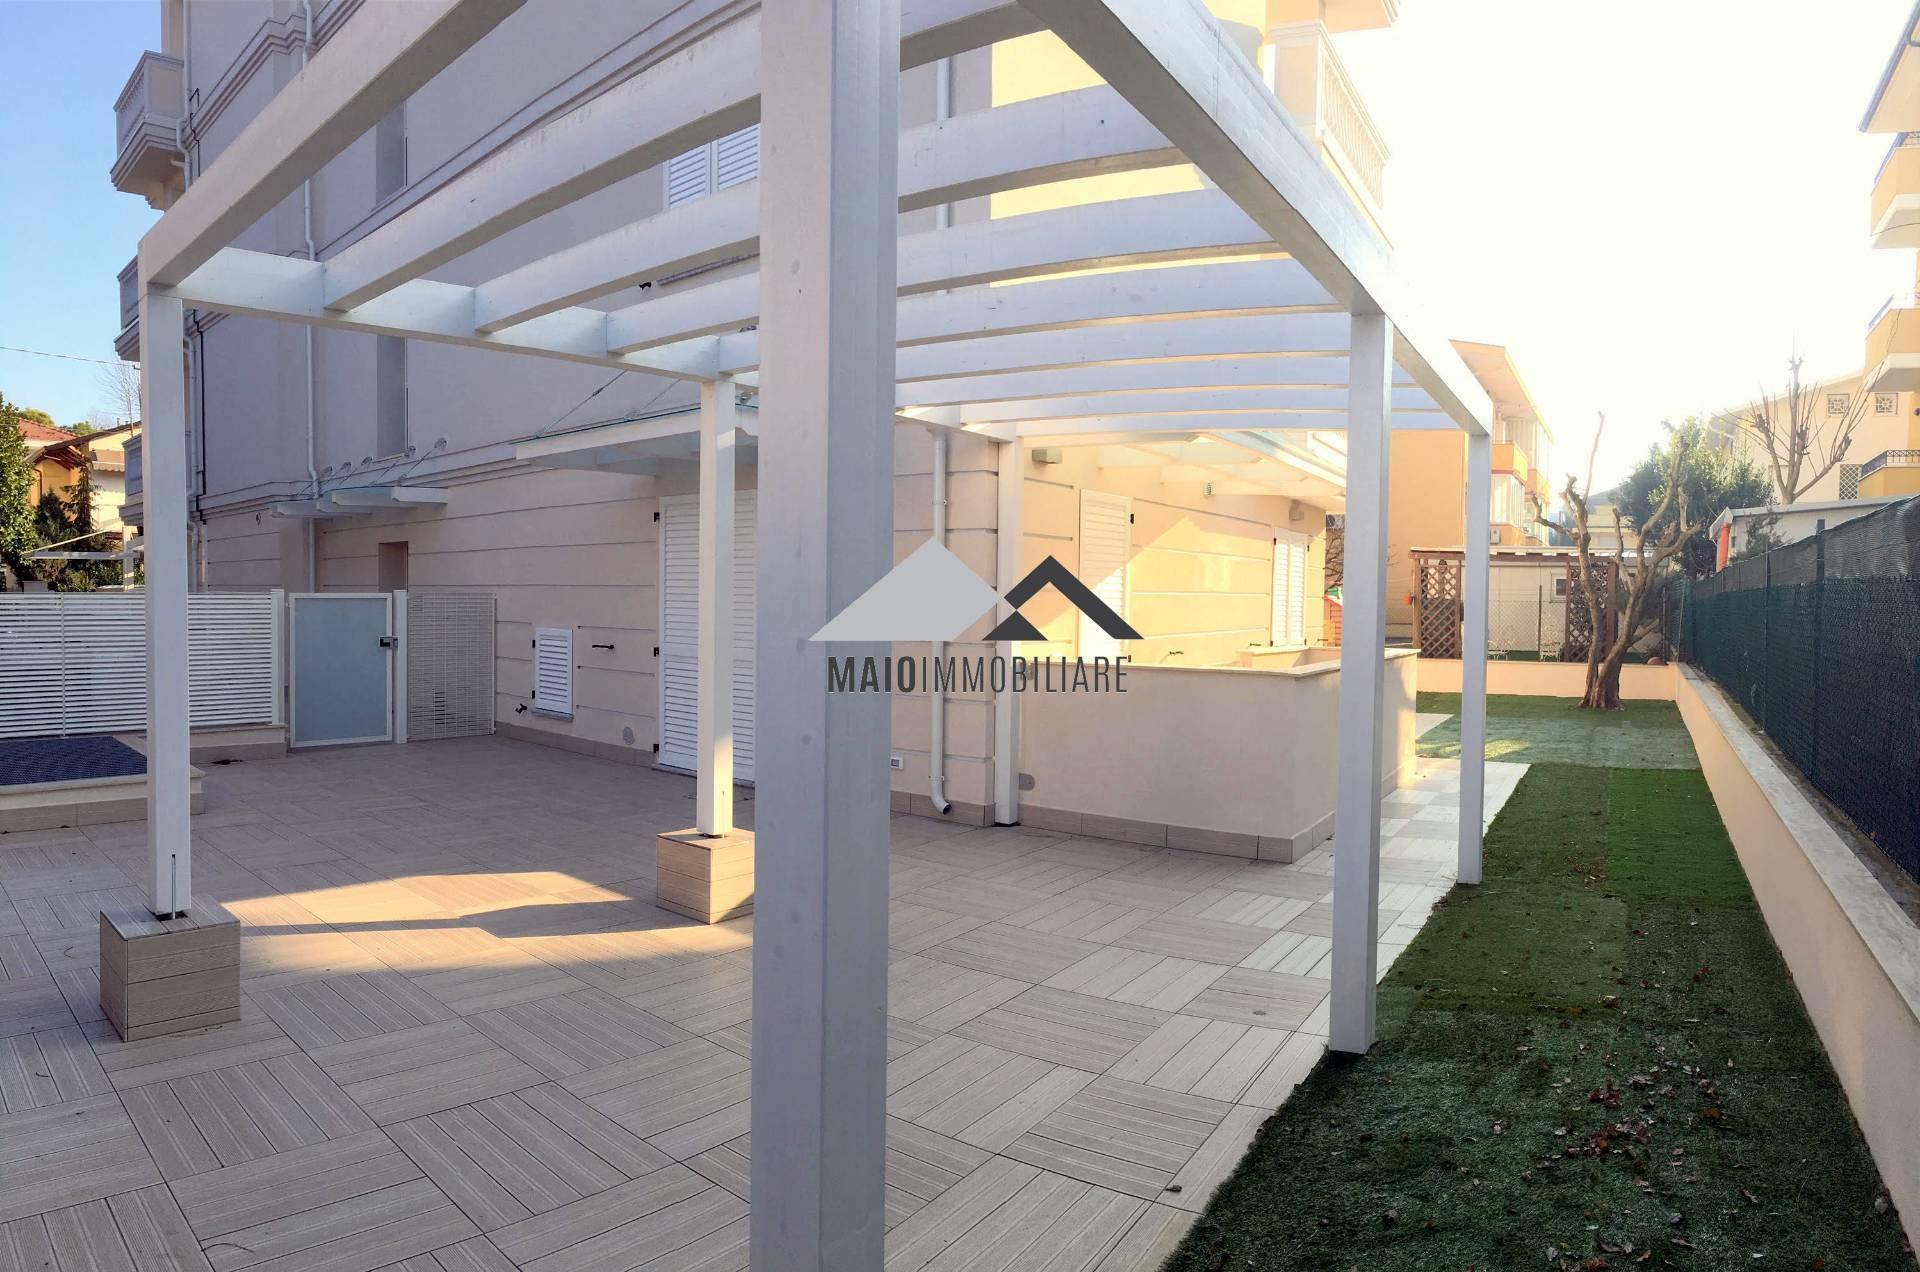 Appartamento in vendita a Riccione, 3 locali, zona Località: PAESE, prezzo € 395.000 | Cambio Casa.it